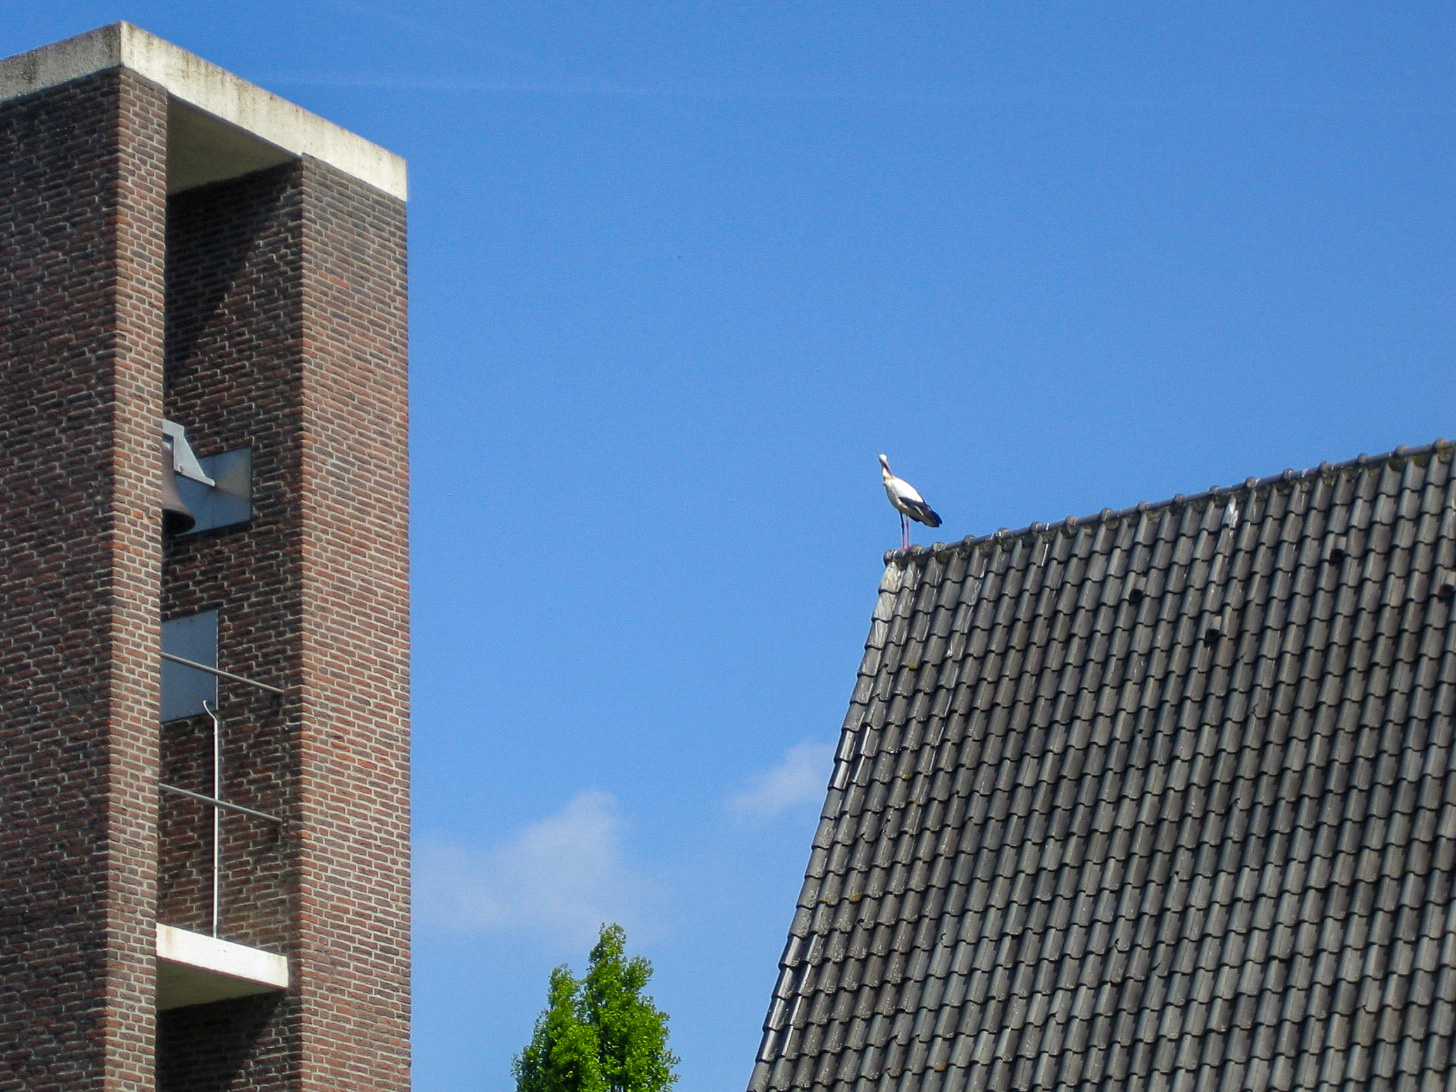 Ein Storch auf einem Hausdach in der Nähe des Ferienpark in Giethoorn ind er Provinz Overijssel